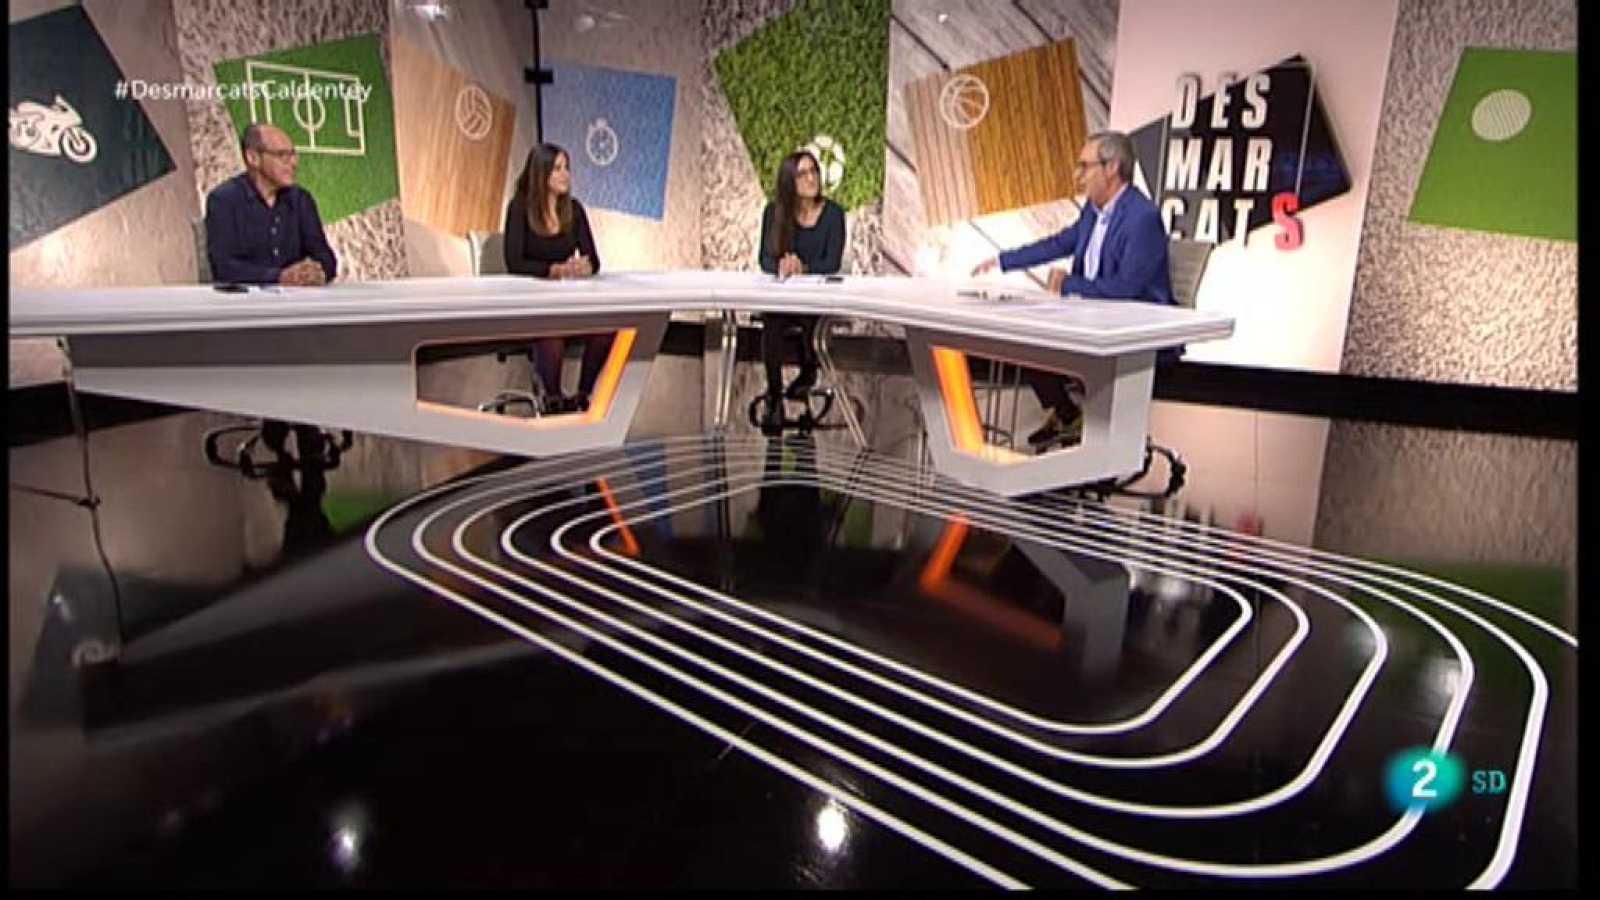 Desmarcats - Tertúlia Esportiva. La solidesa del Barça a Balaídos